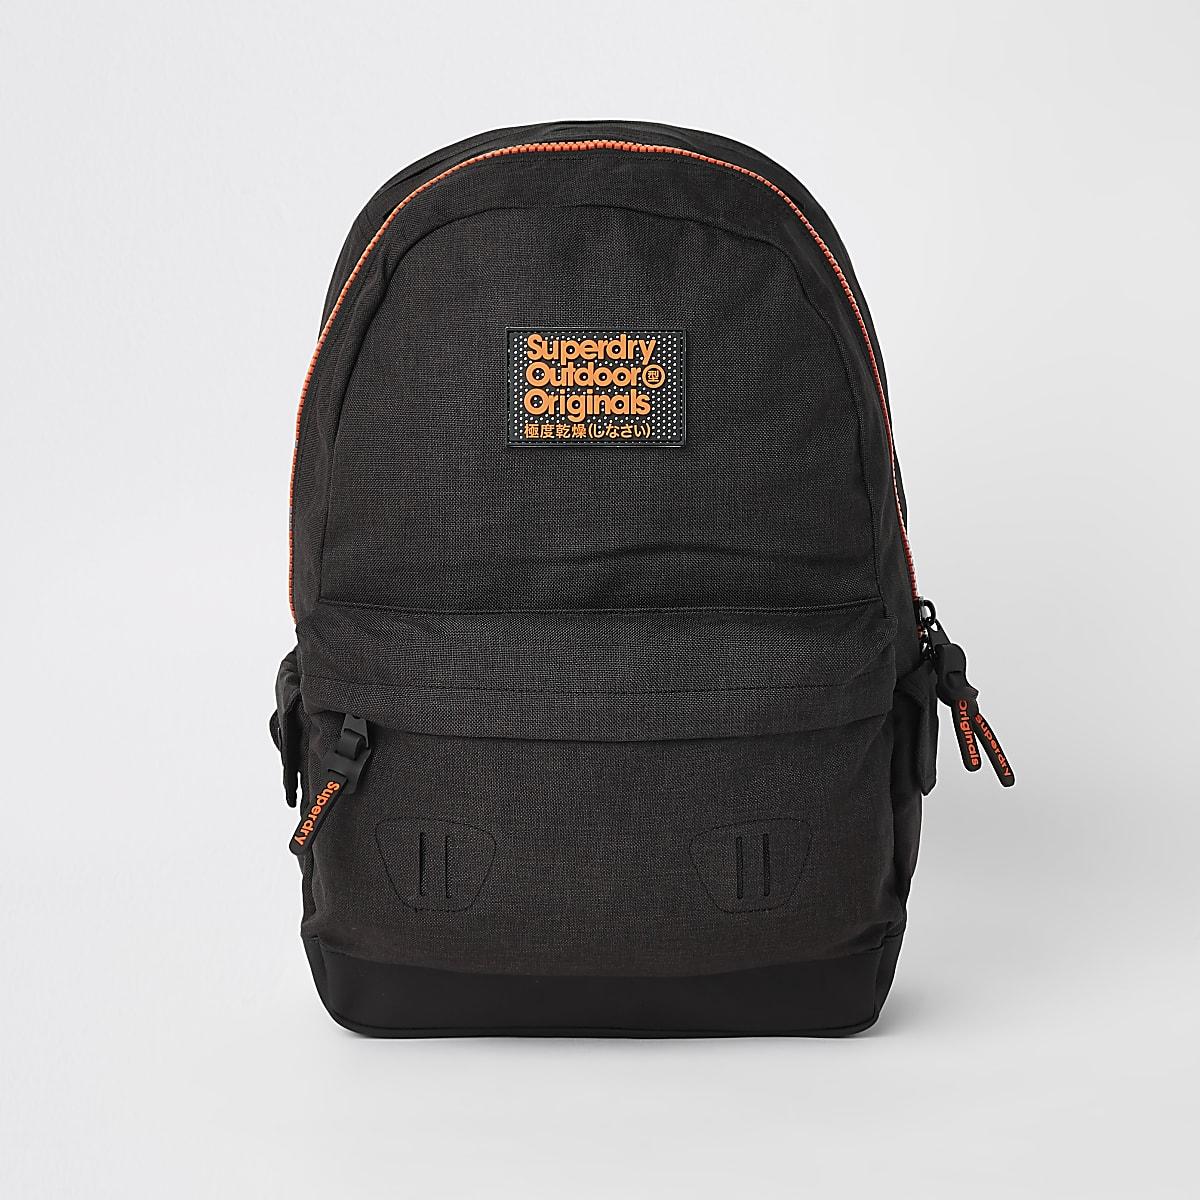 Superdry Originals black front logo backpack